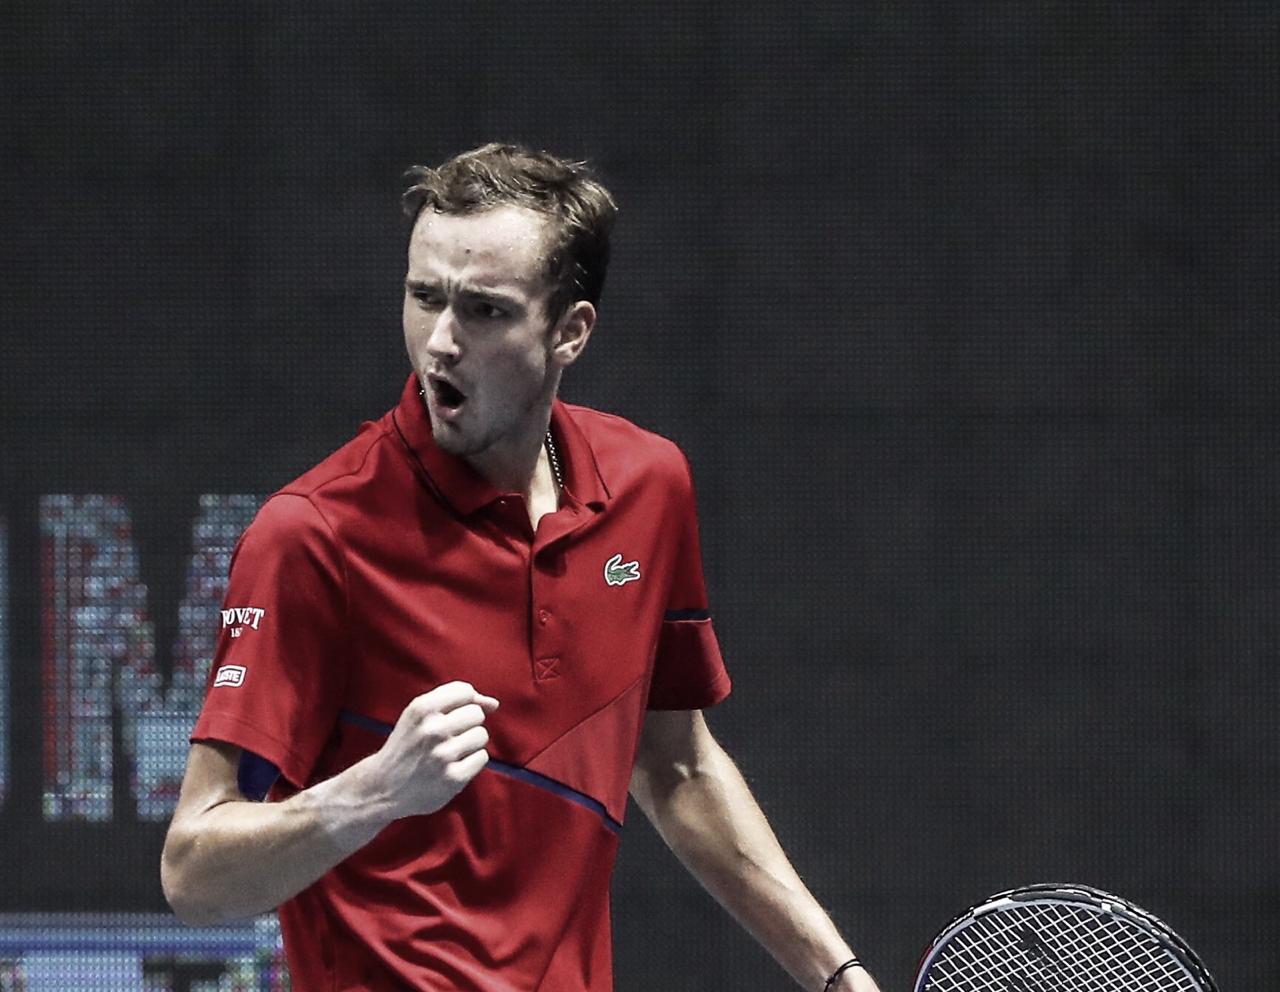 Sobrando, Medvedev atropela Coric e conquista o ATP 250 de São Petesburgo